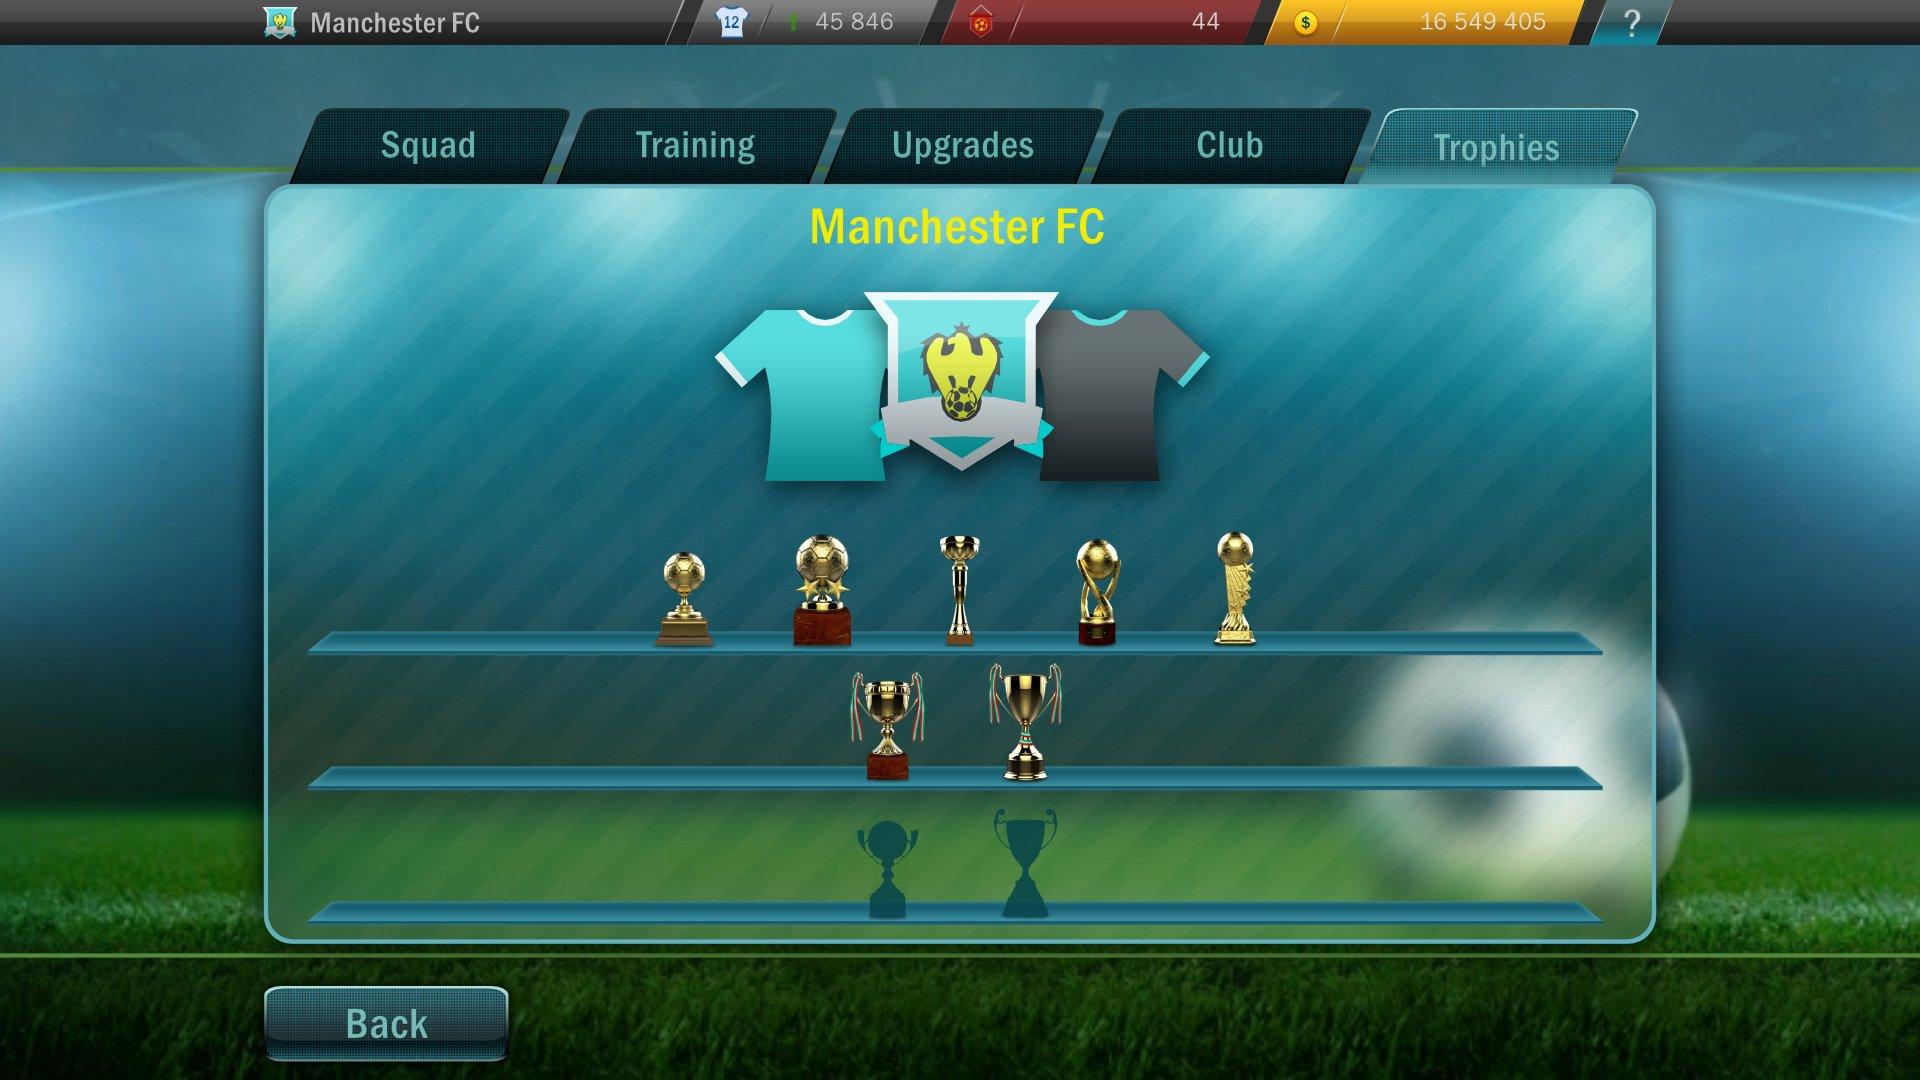 Как нагнуть Баварию и Манчестер в UNDERDOG#10 (Football Tactics) - Изображение 2